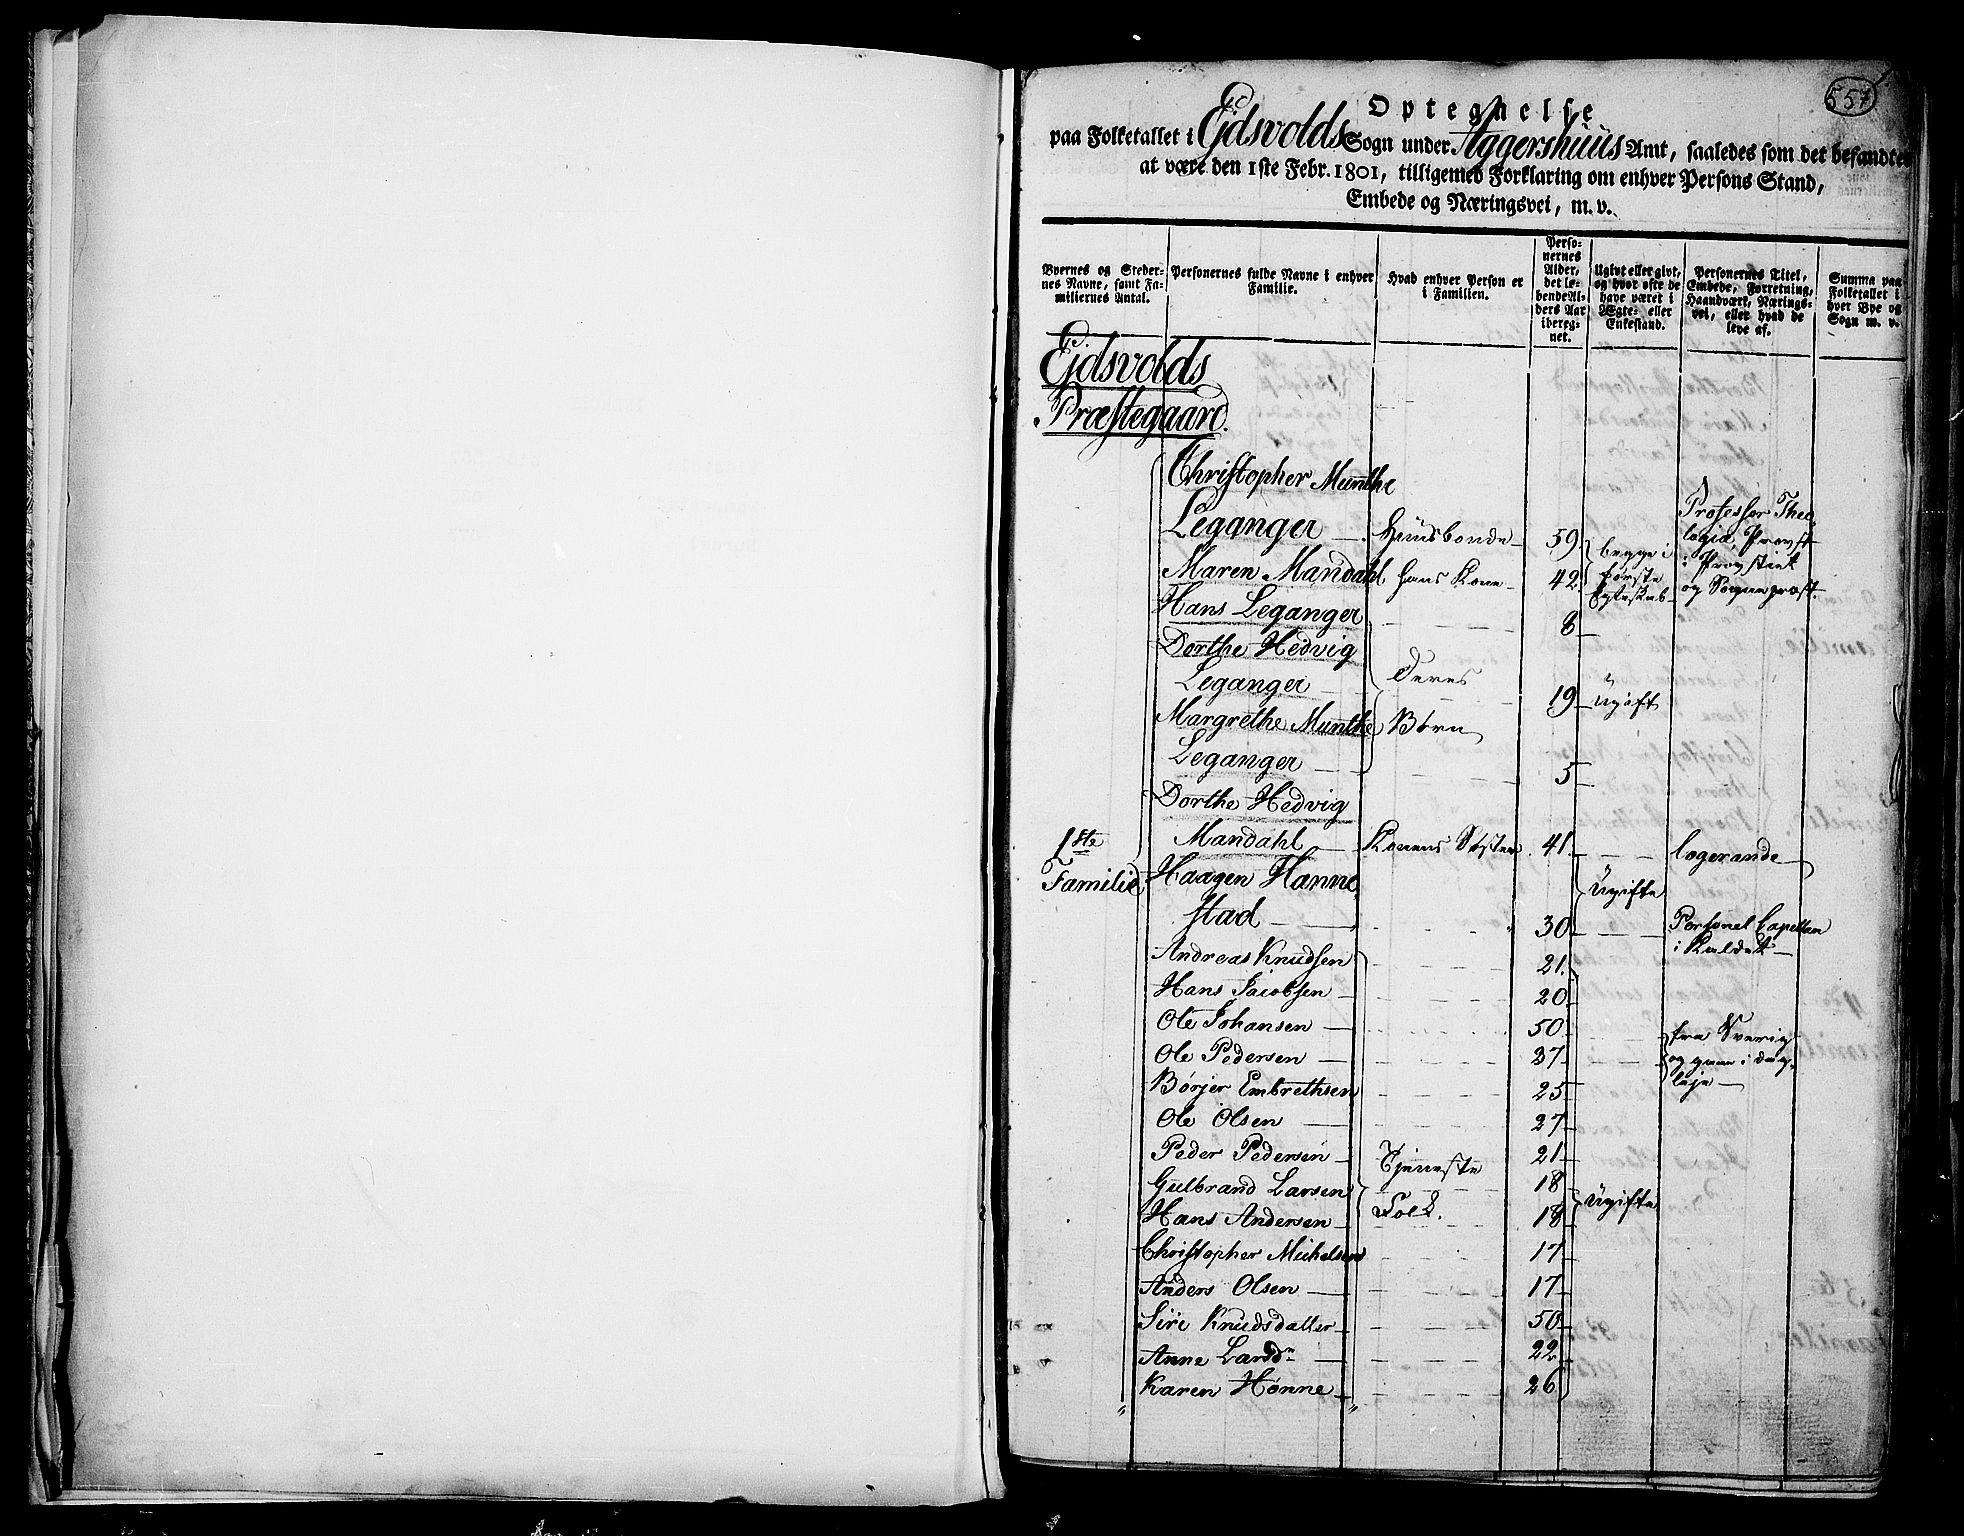 RA, Folketelling 1801 for 0237P Eidsvoll prestegjeld, 1801, s. 557a